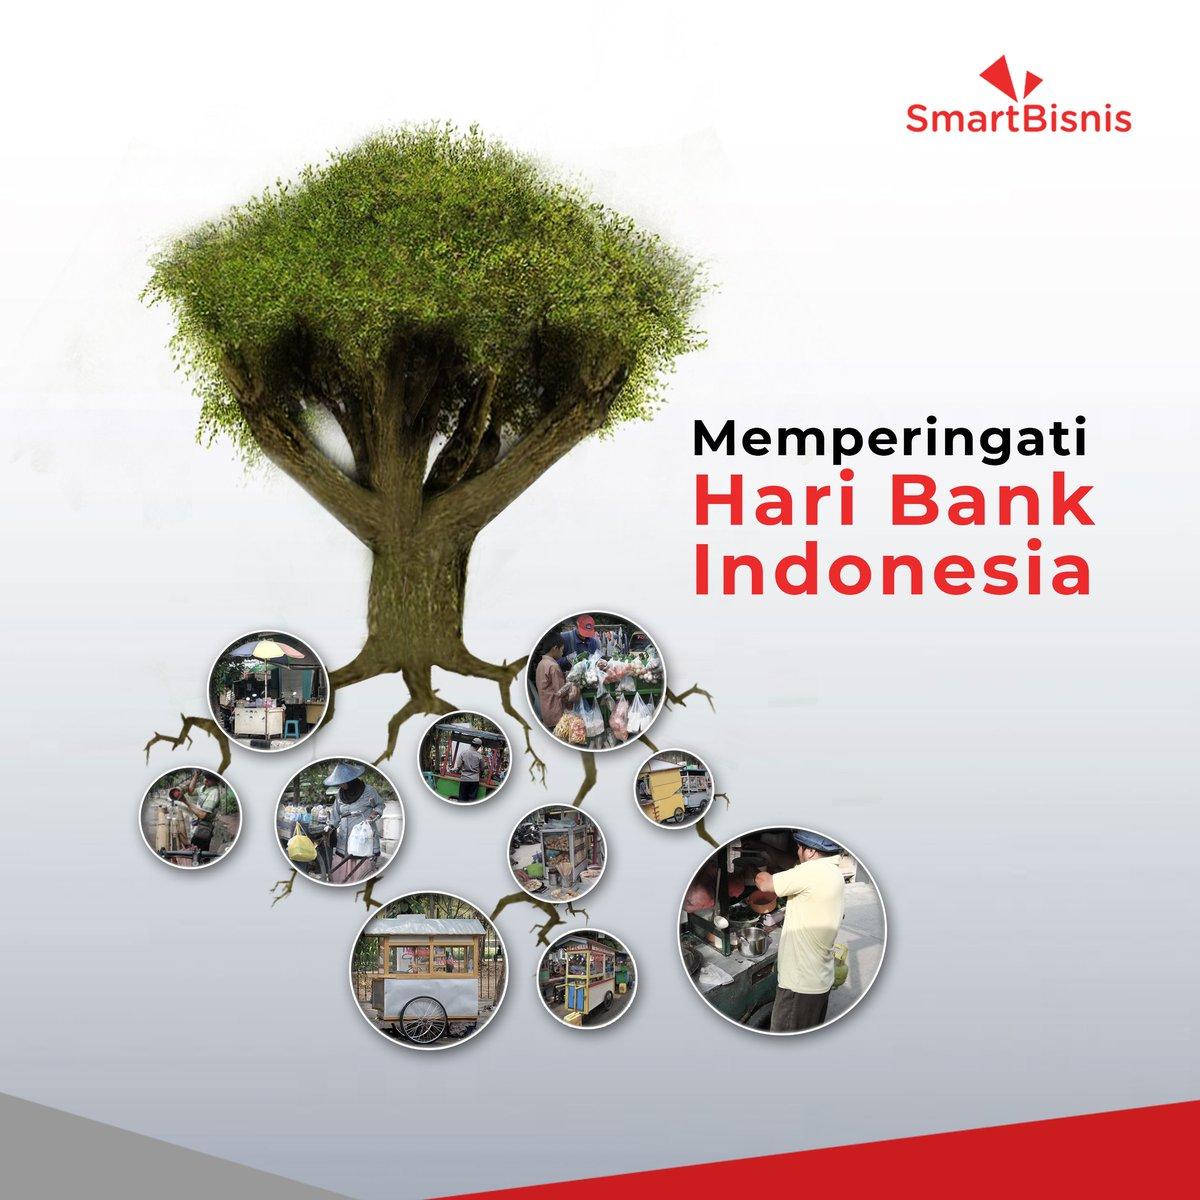 Tujuan utama Bank Indonesia adalah menjaga kestabilan nilai rupiah dan terus tumbuh bersama pelaku UMKM Indonesia, selayaknya pohon yang merindang dan kokoh karena akar-akar yang kuat. Selamat #HariBankIndonesia.